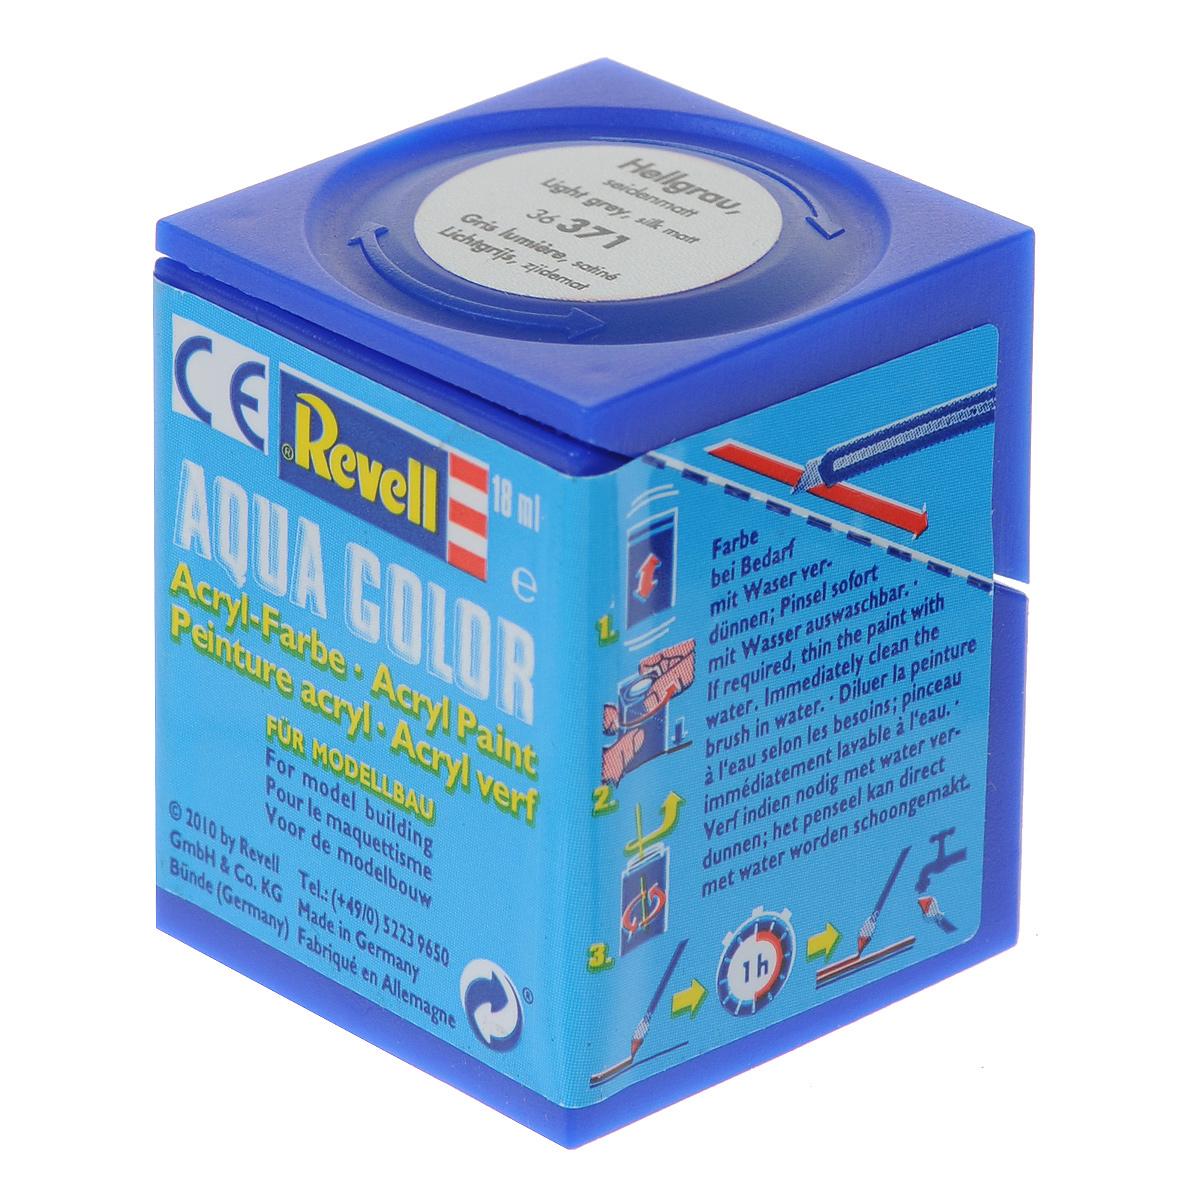 Revell Аква-краска шелково-матовая цвет светло-серый 18 мл36371Краски для моделей Revell - это высококачественный материал для покраски ваших моделей. Данная краска служит для окрашивания пластиковых поверхностей сборных моделей Revell. В баночке содержится 18 мл краски с шелково-матовым эффектом. В случае необходимости различные оттенки эмали могут быть смешаны друг с другом, для разбавления используется Revell Color Mix.